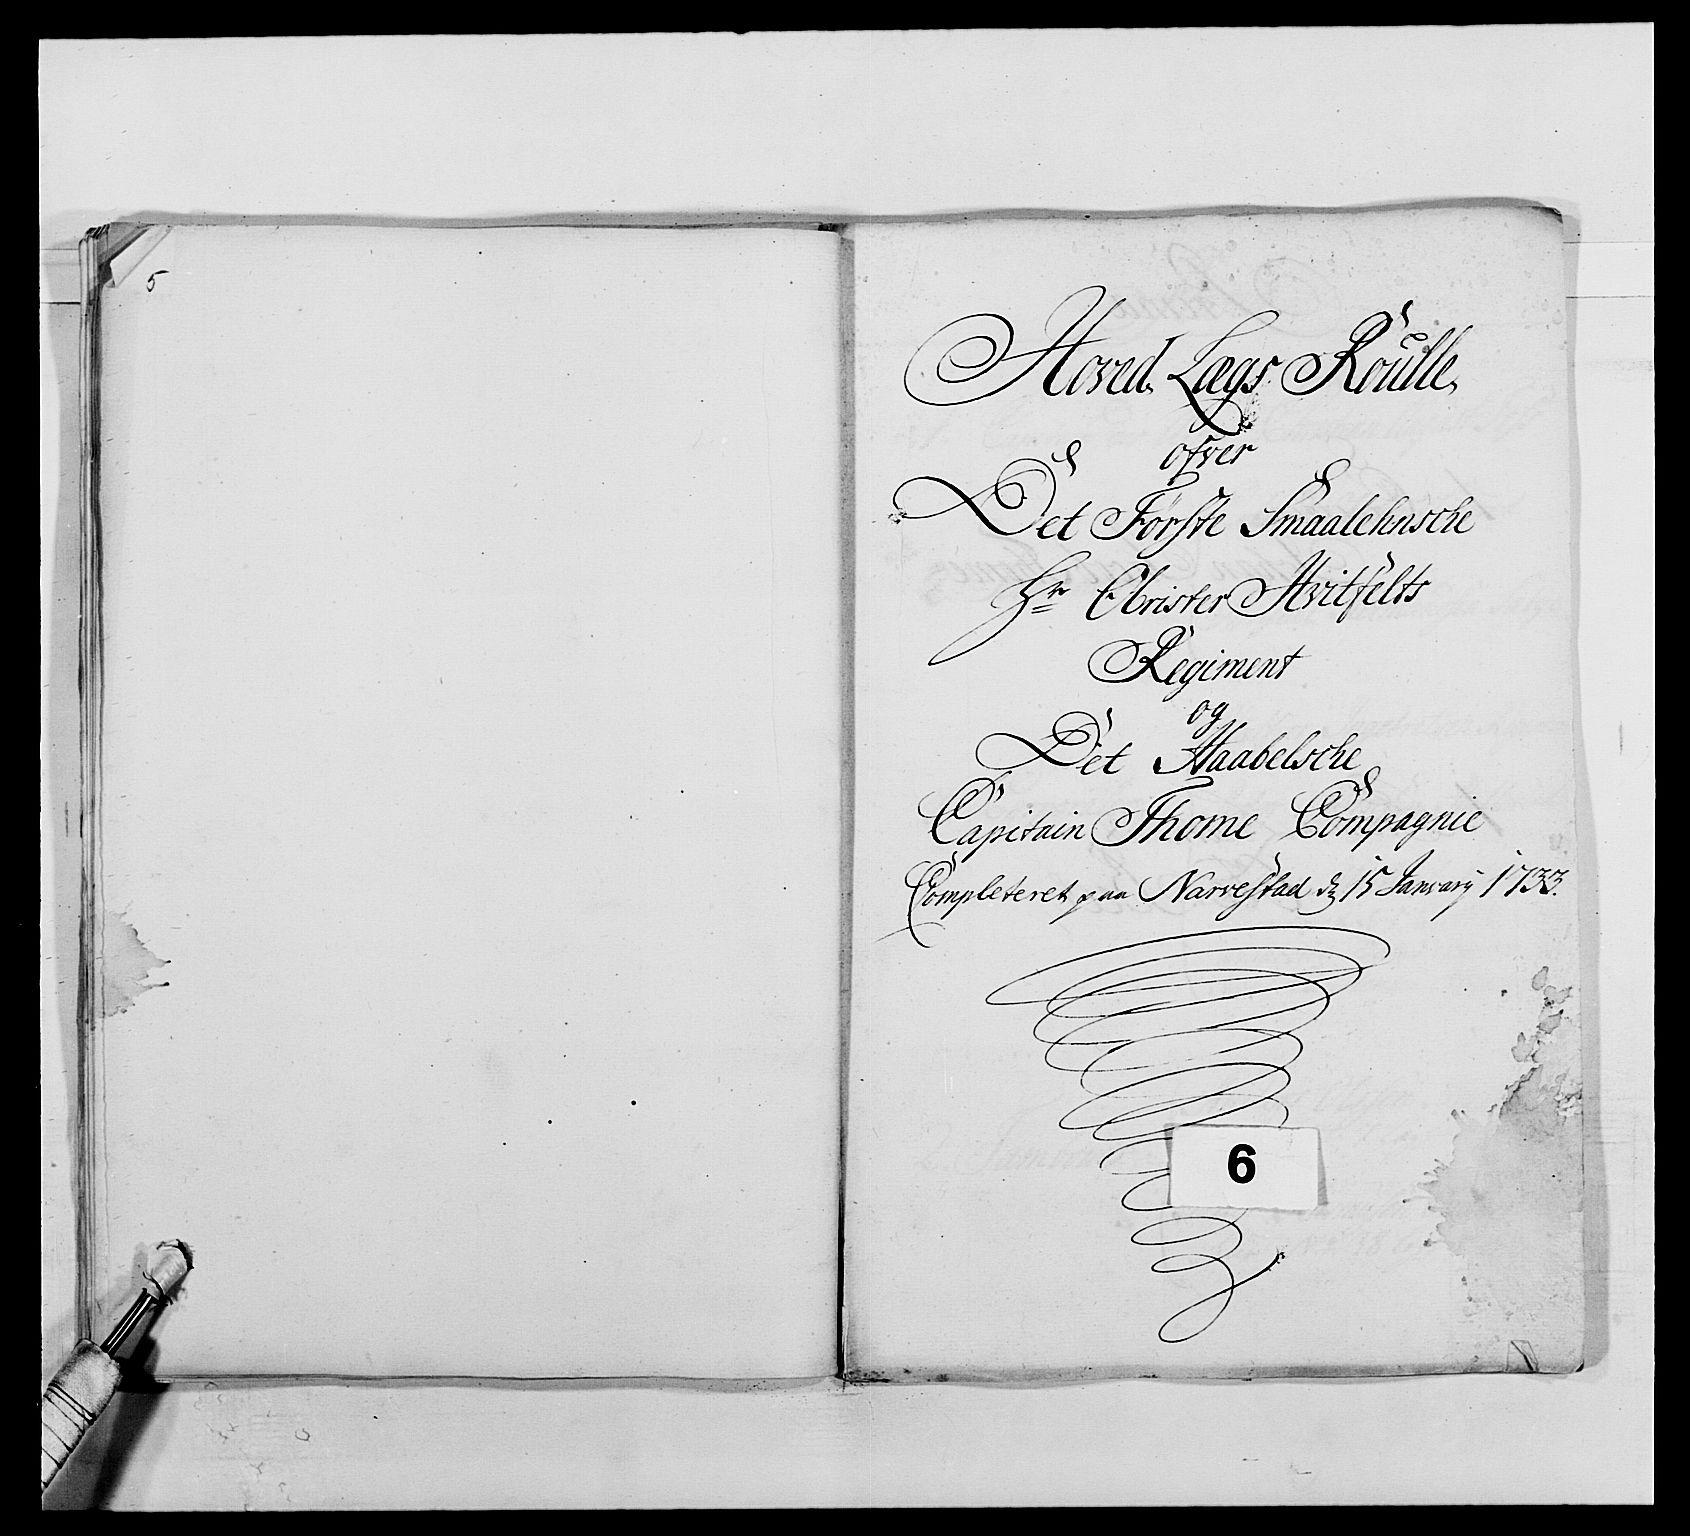 RA, Kommanderende general (KG I) med Det norske krigsdirektorium, E/Ea/L0495: 1. Smålenske regiment, 1732-1763, s. 62